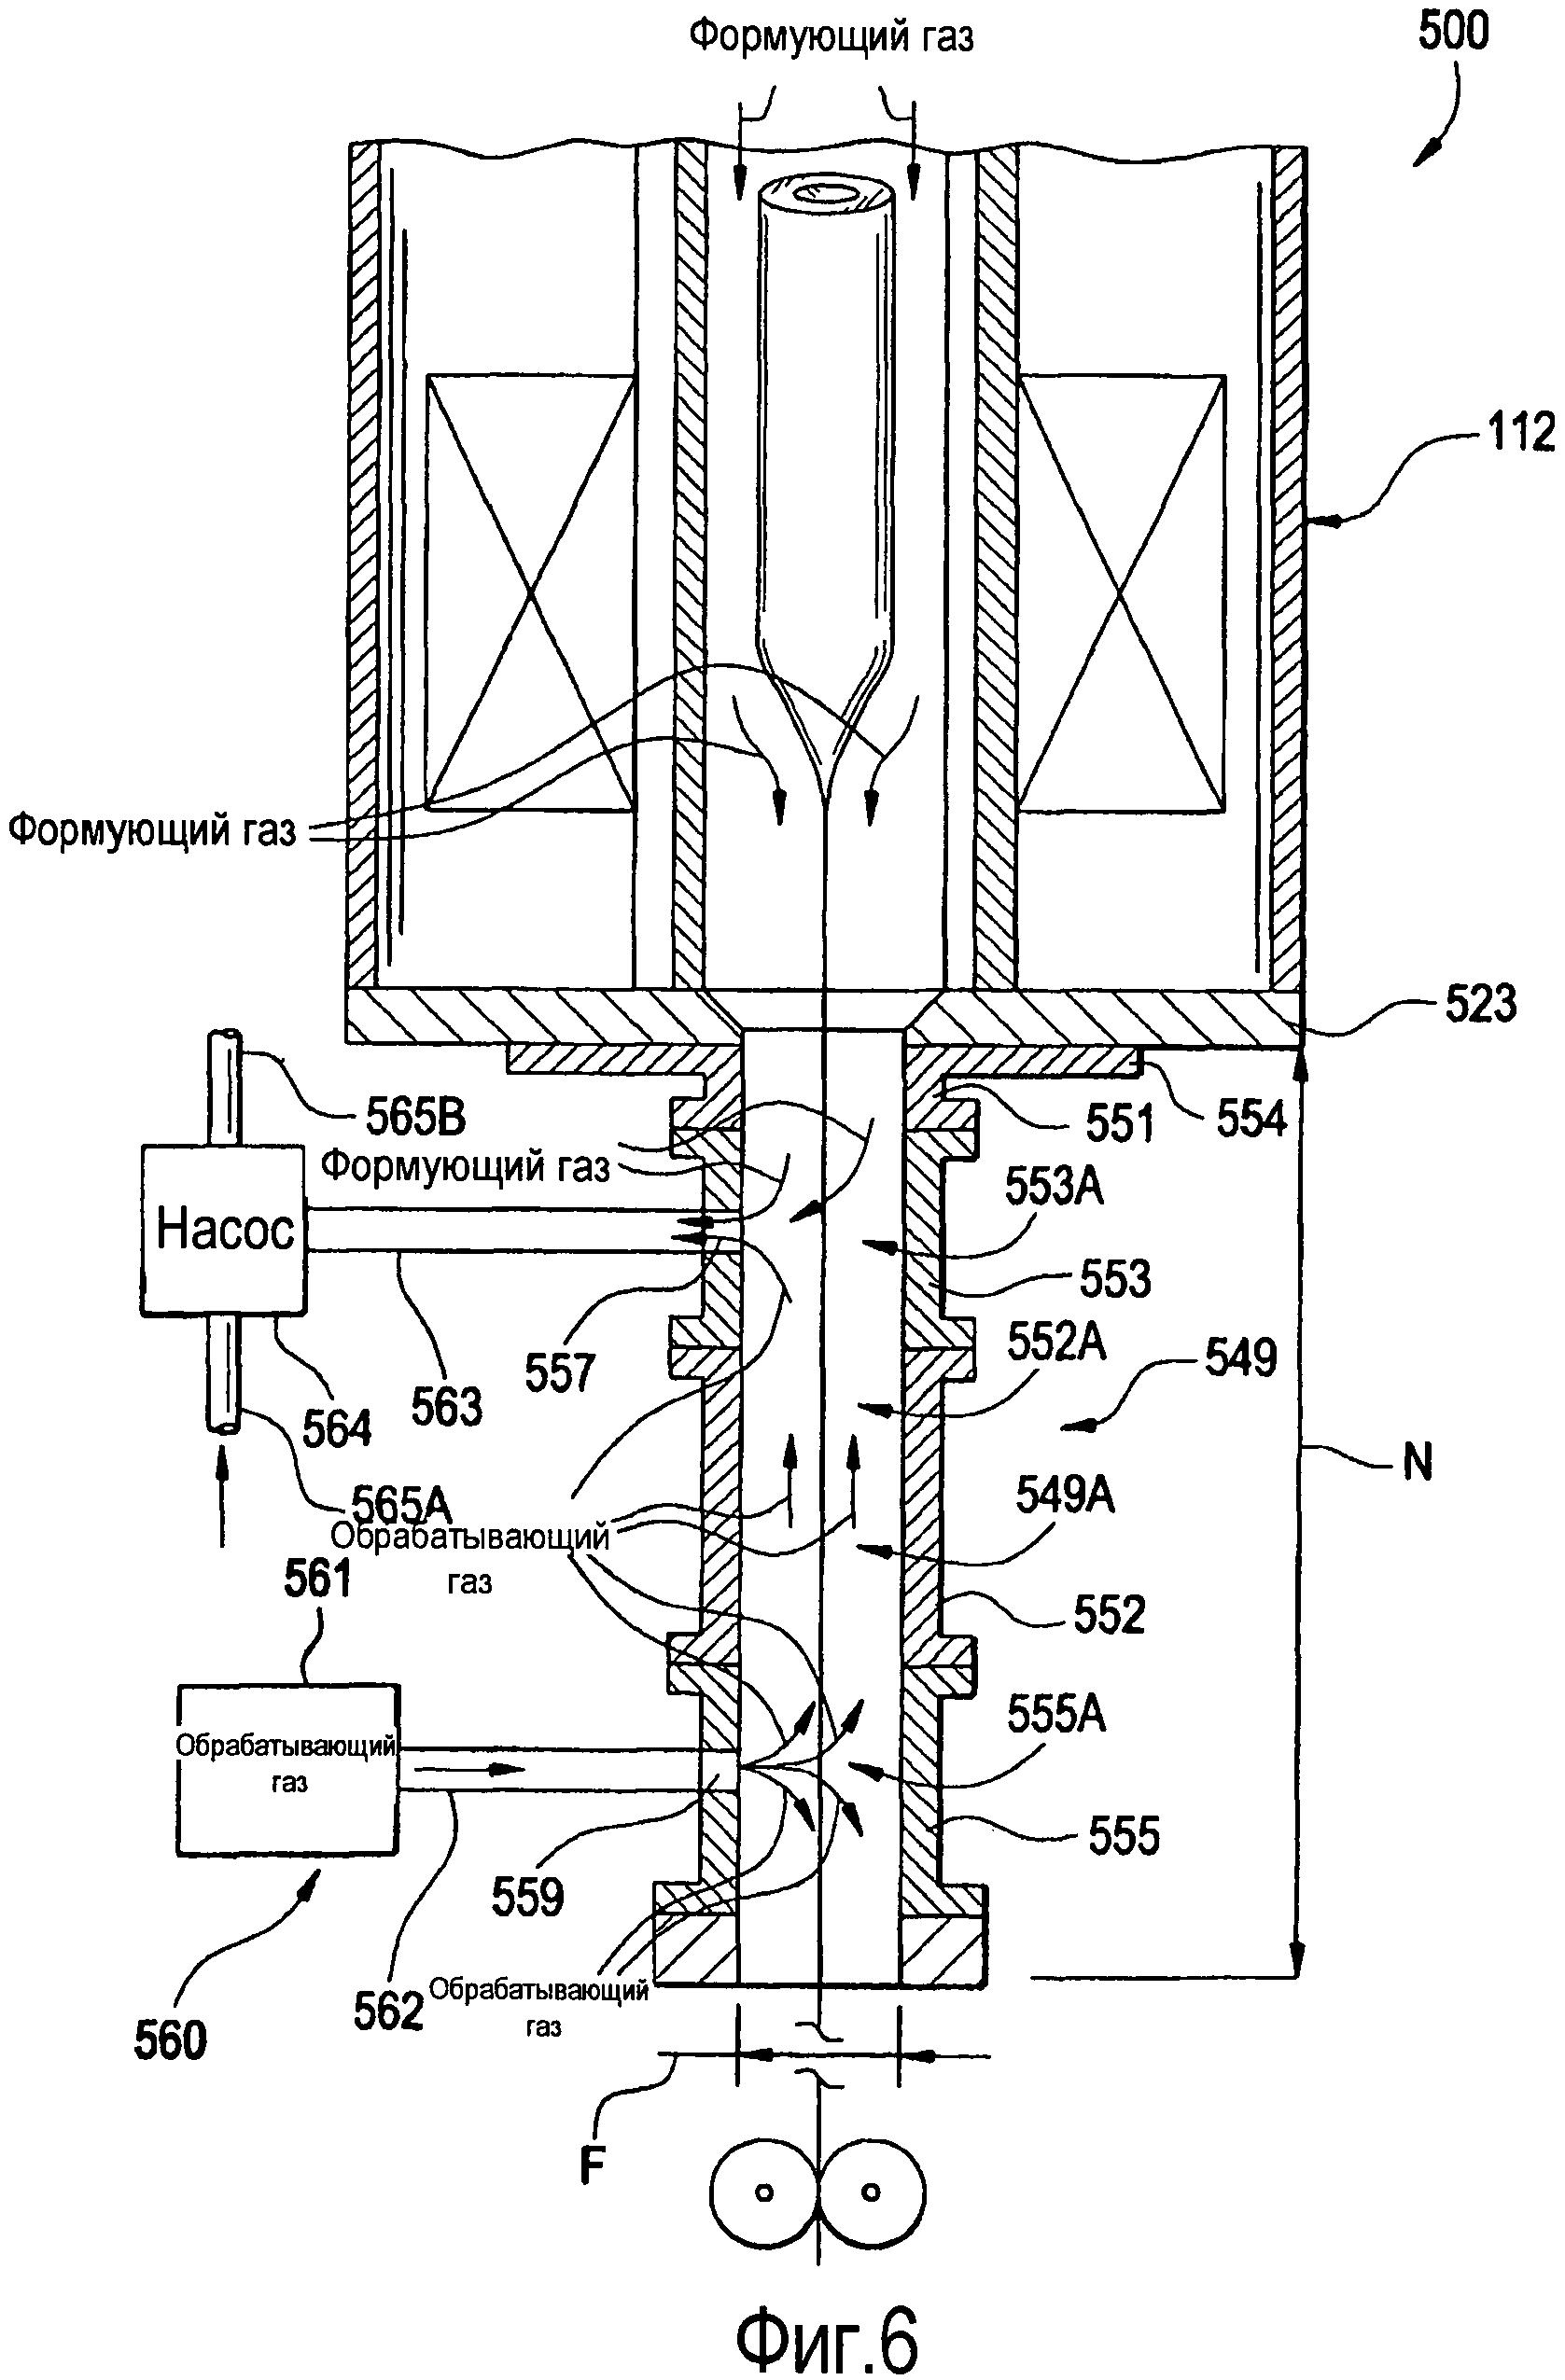 Способ получения оптического волокна с низким ослаблением сигнала